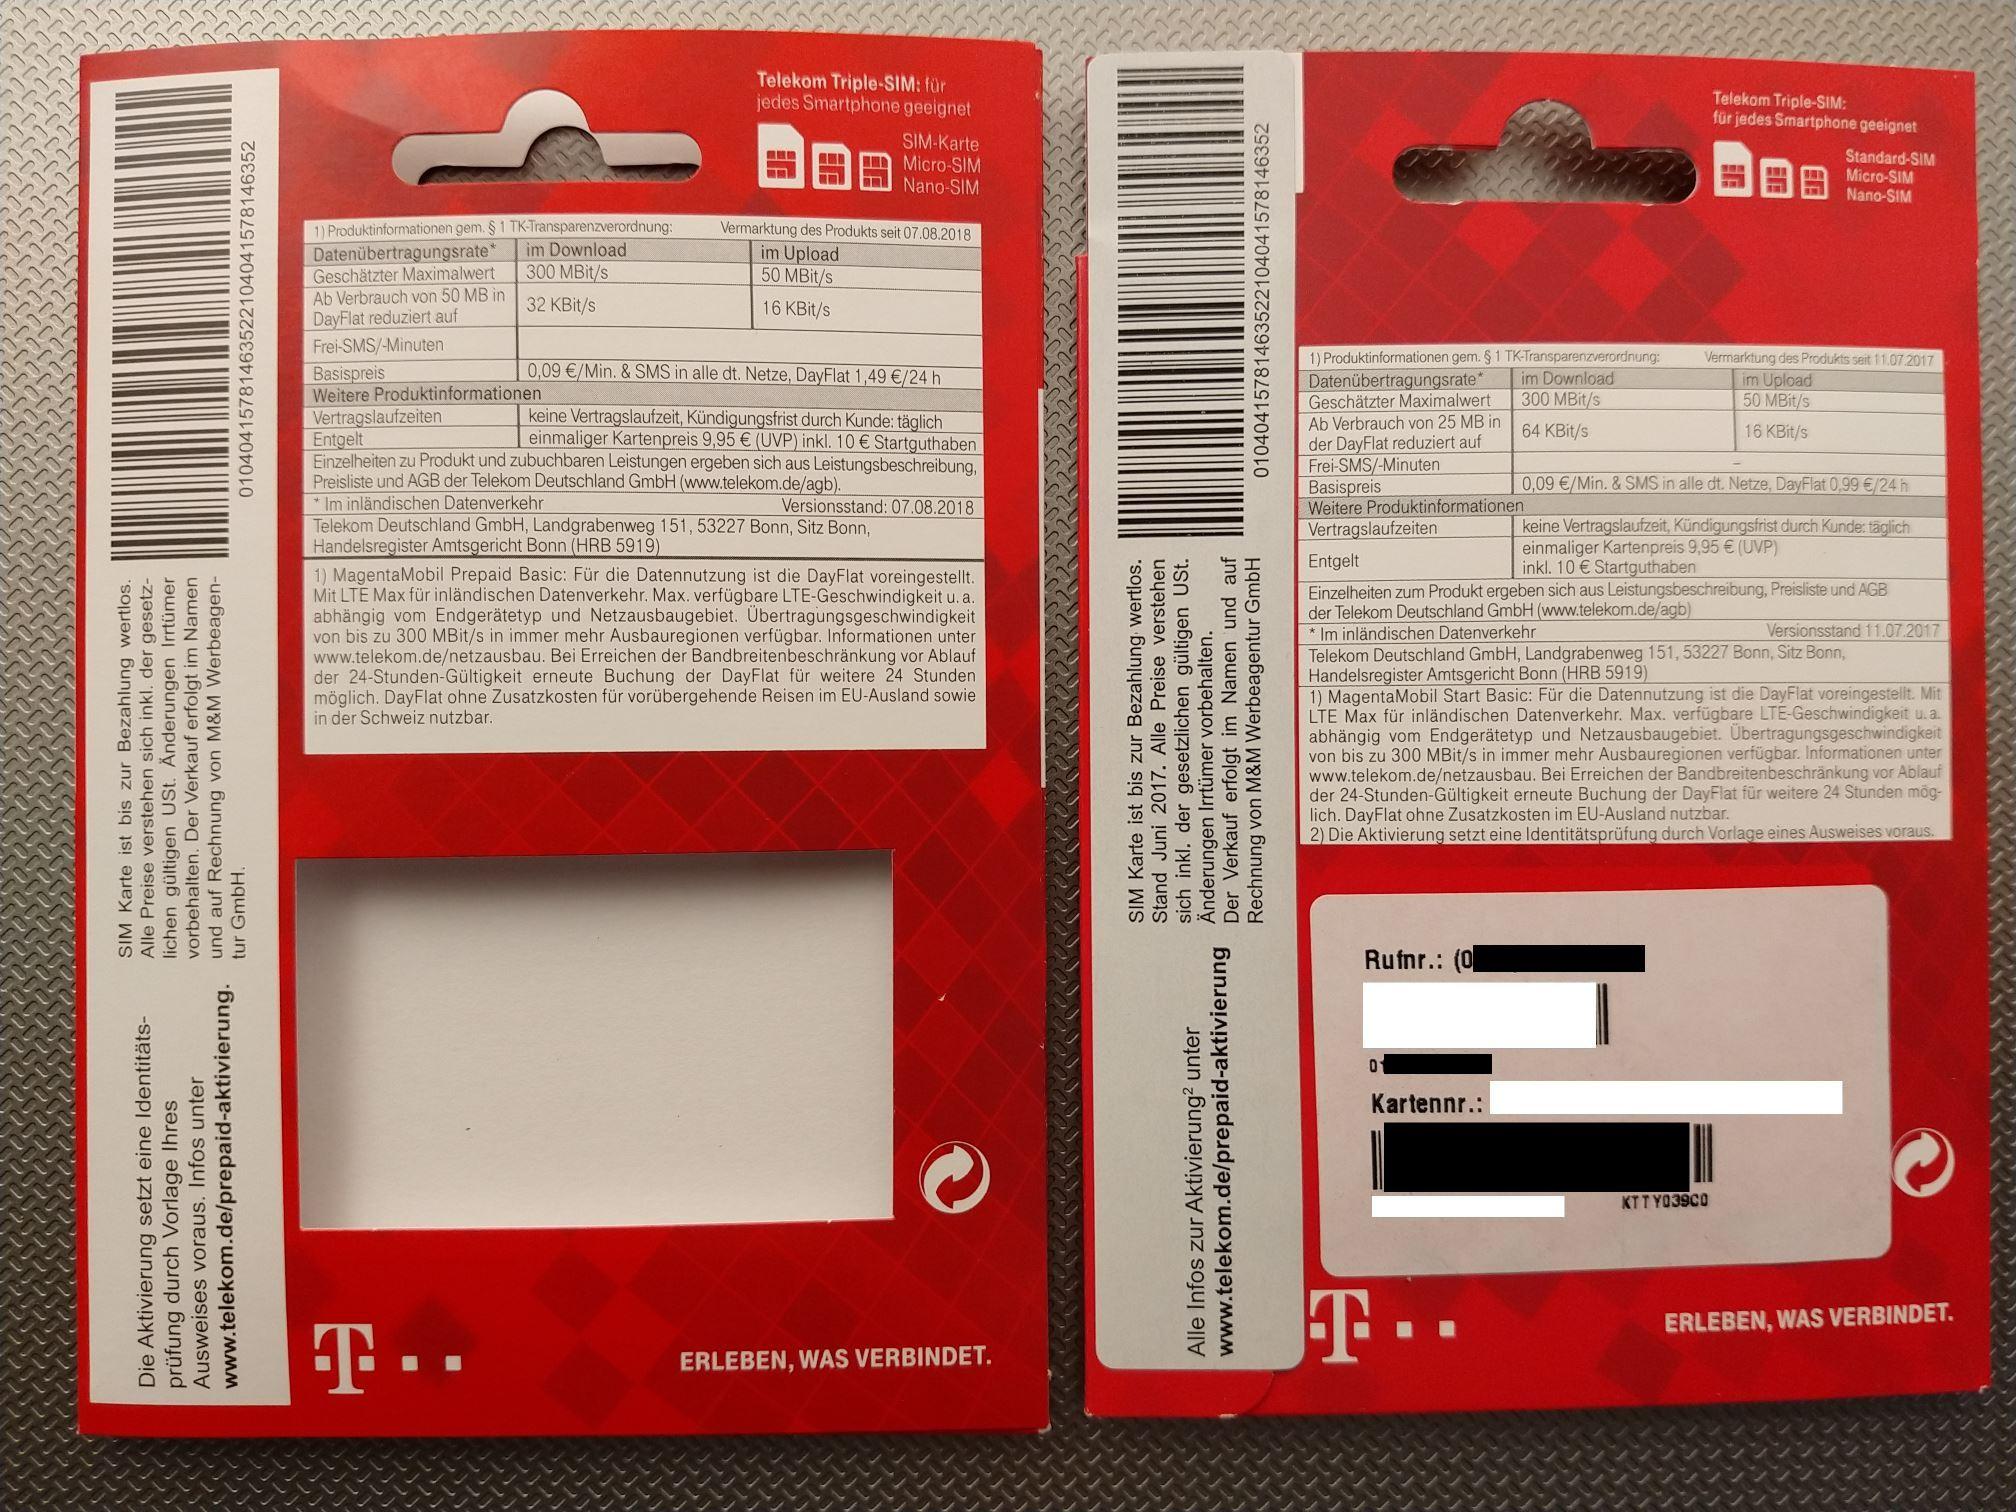 Telekom Karte Aktivieren.Telekom Prepaid Wiki